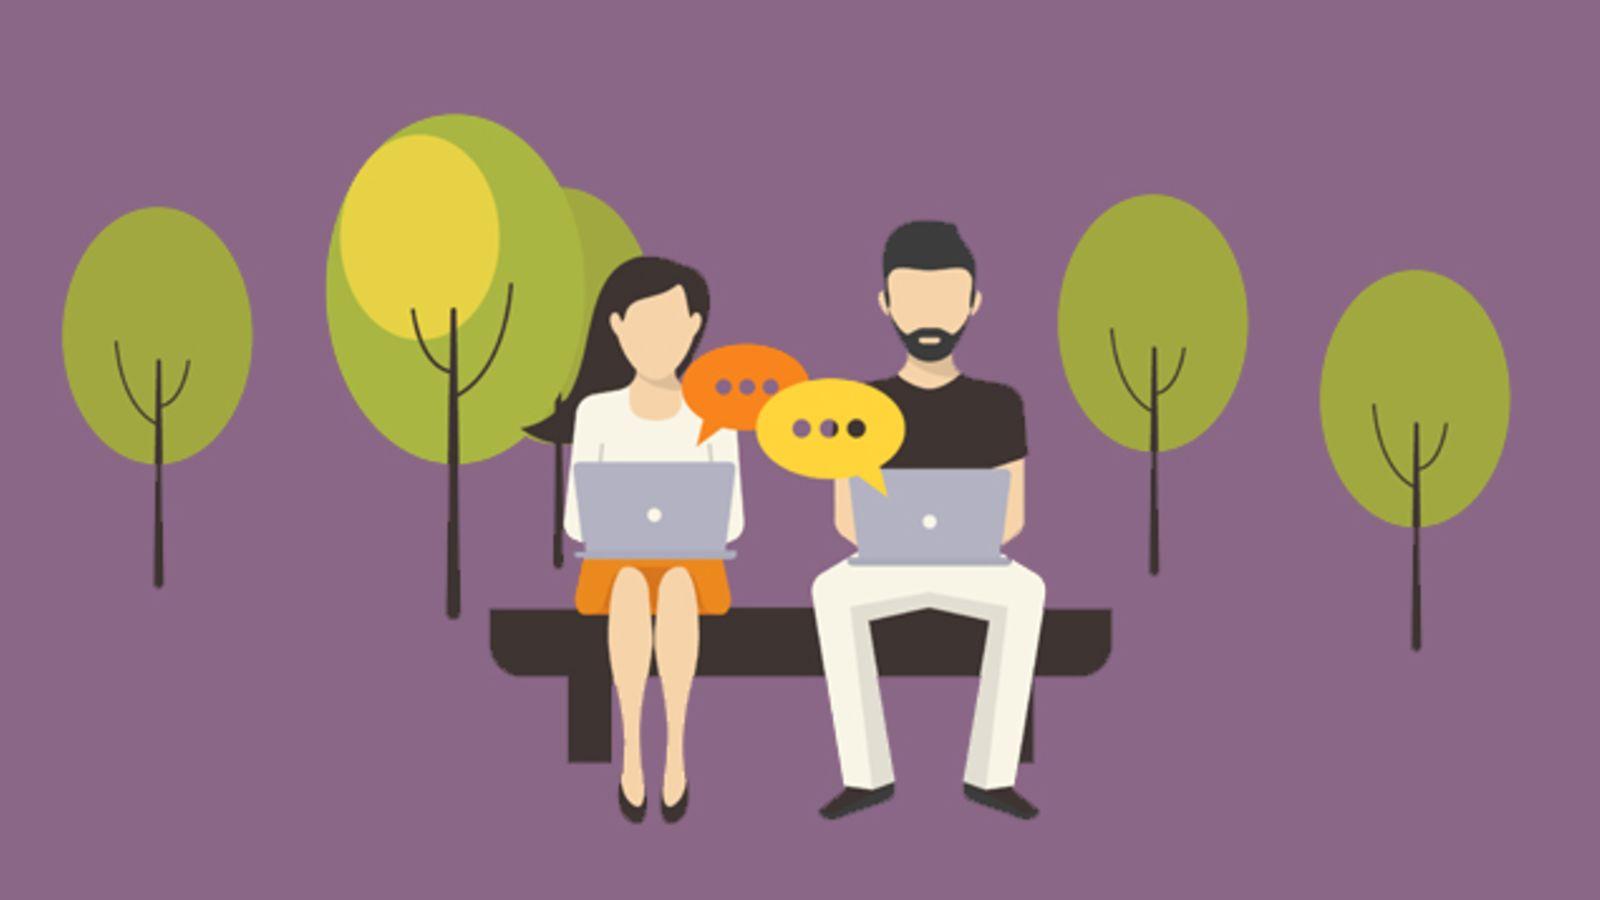 تا چه میزان میتوان به ازدواج هایی که شروعش اینترنتی است تکیه کرد؟